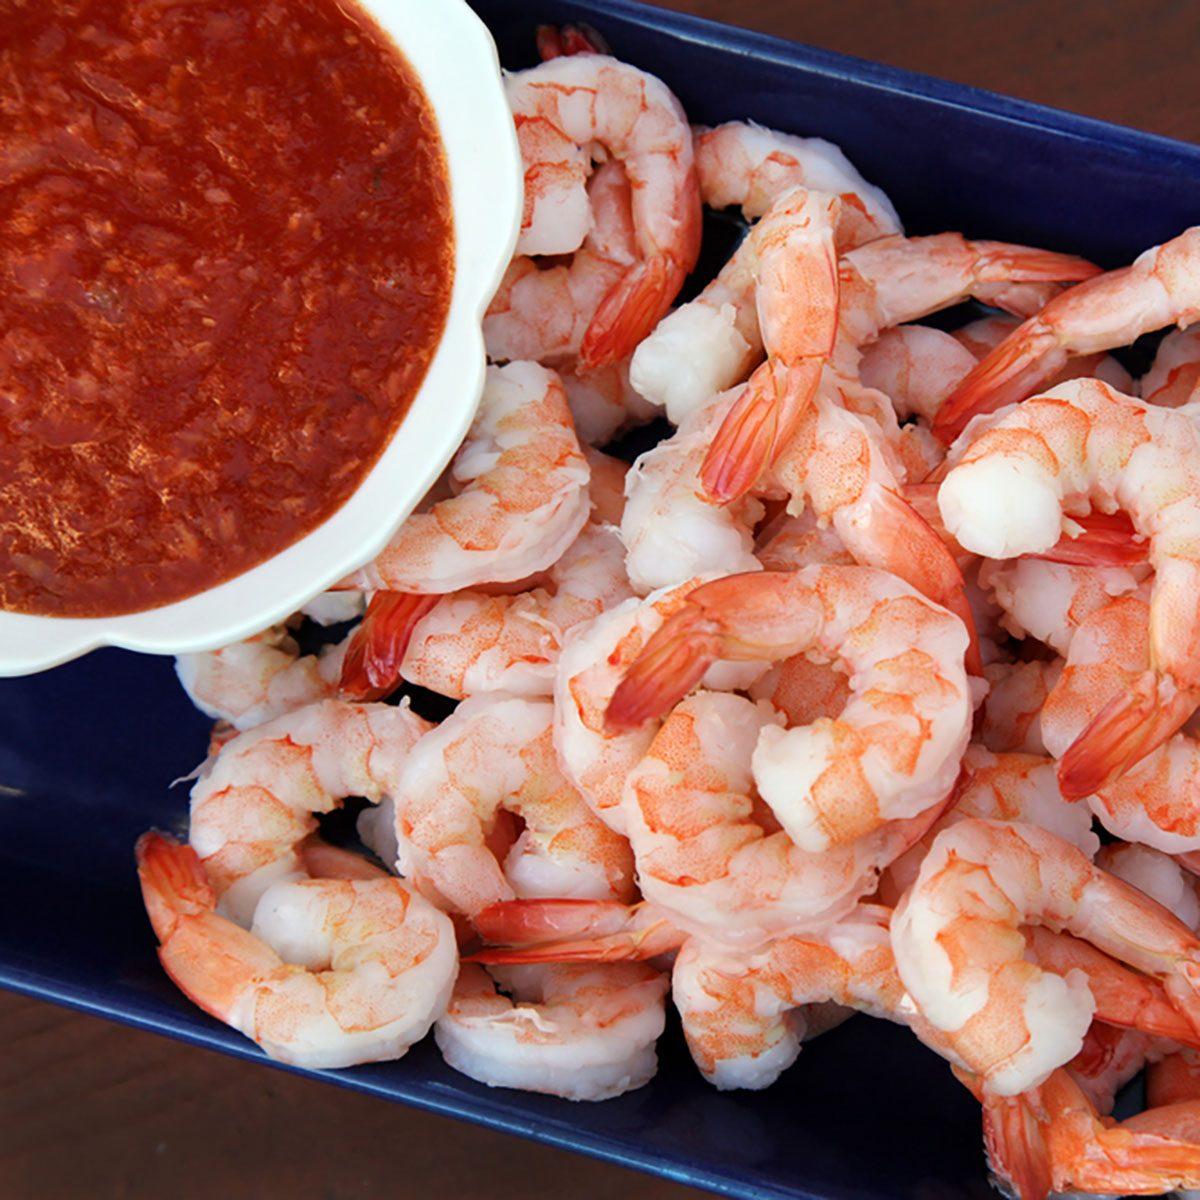 Classic shrimp cocktai